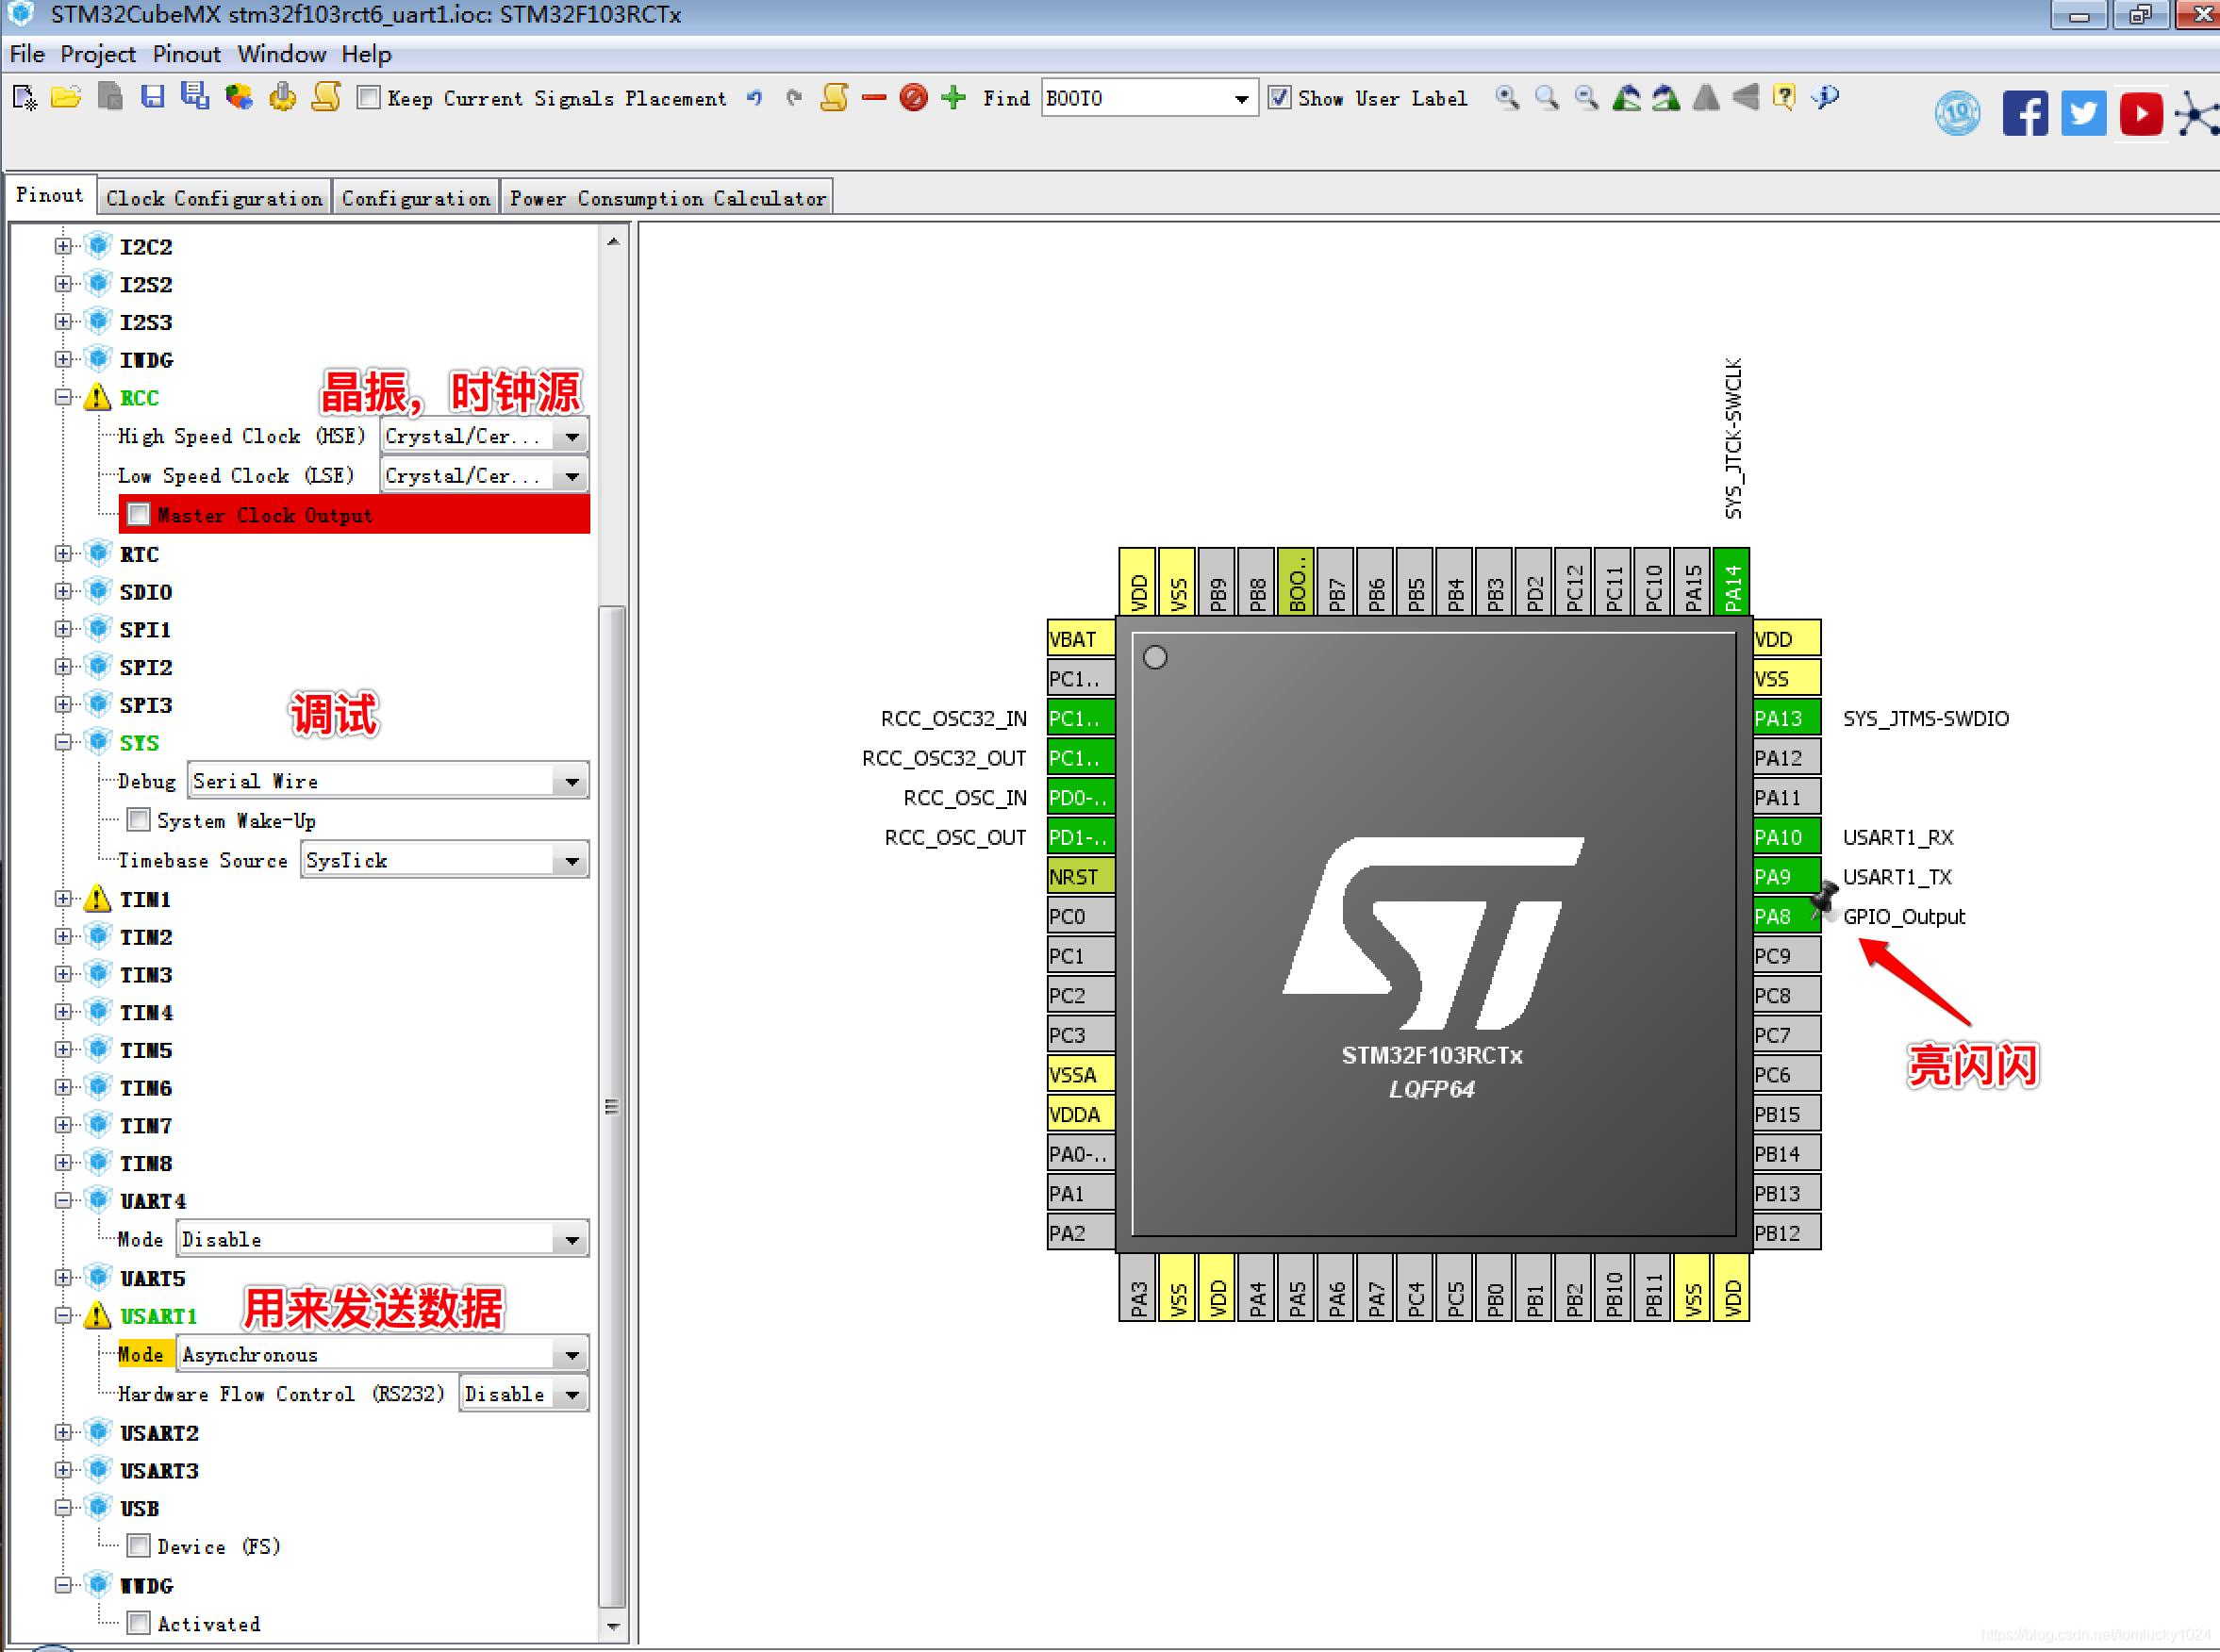 stm32]Cube配置usart1发送数据- 老汉带你推推推- CSDN博客